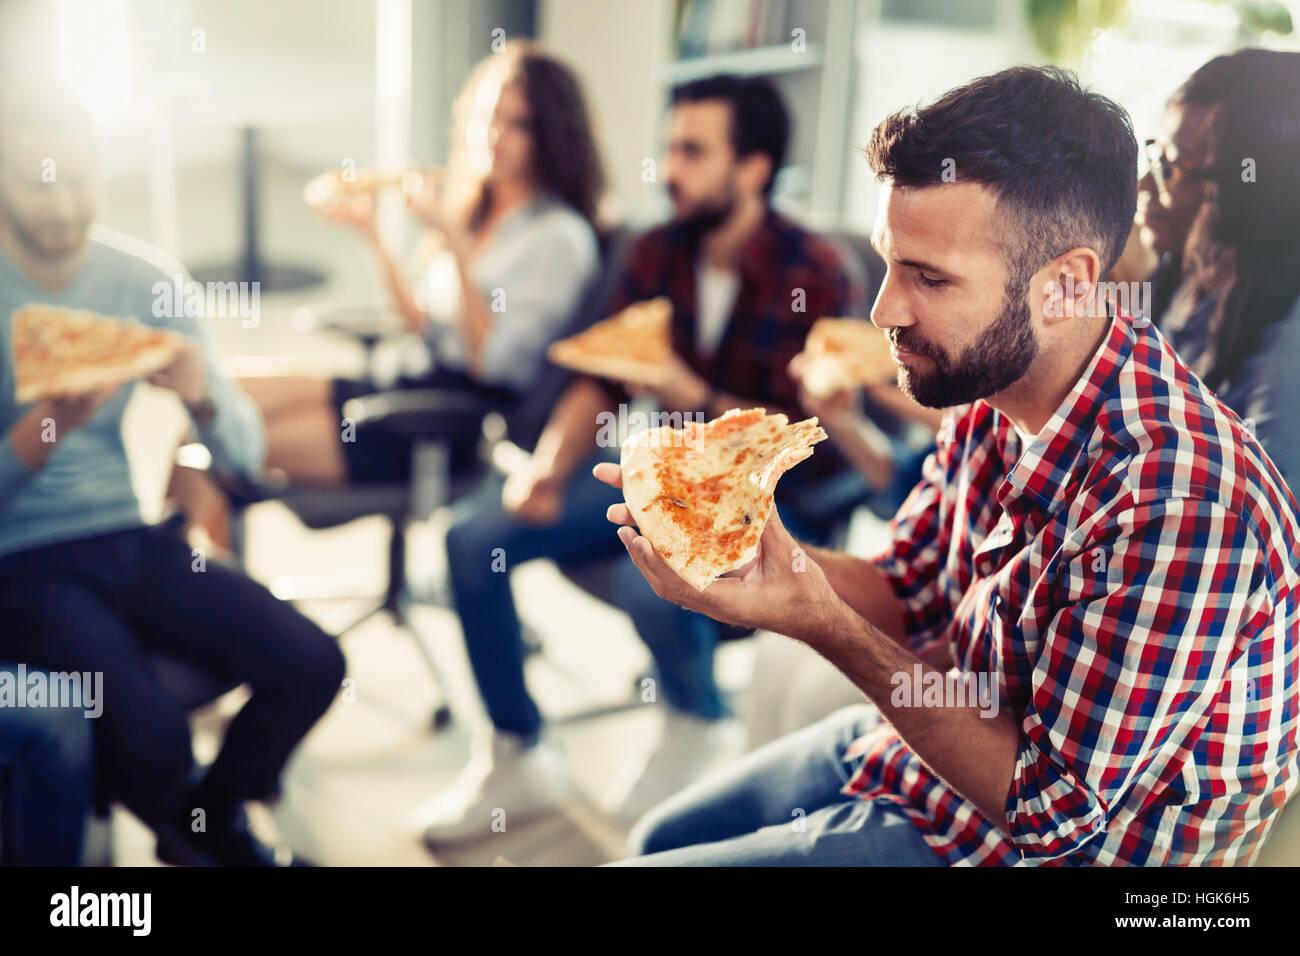 Collaborateurs eating pizza pendant le travail dans l'office de tourisme Photo Stock